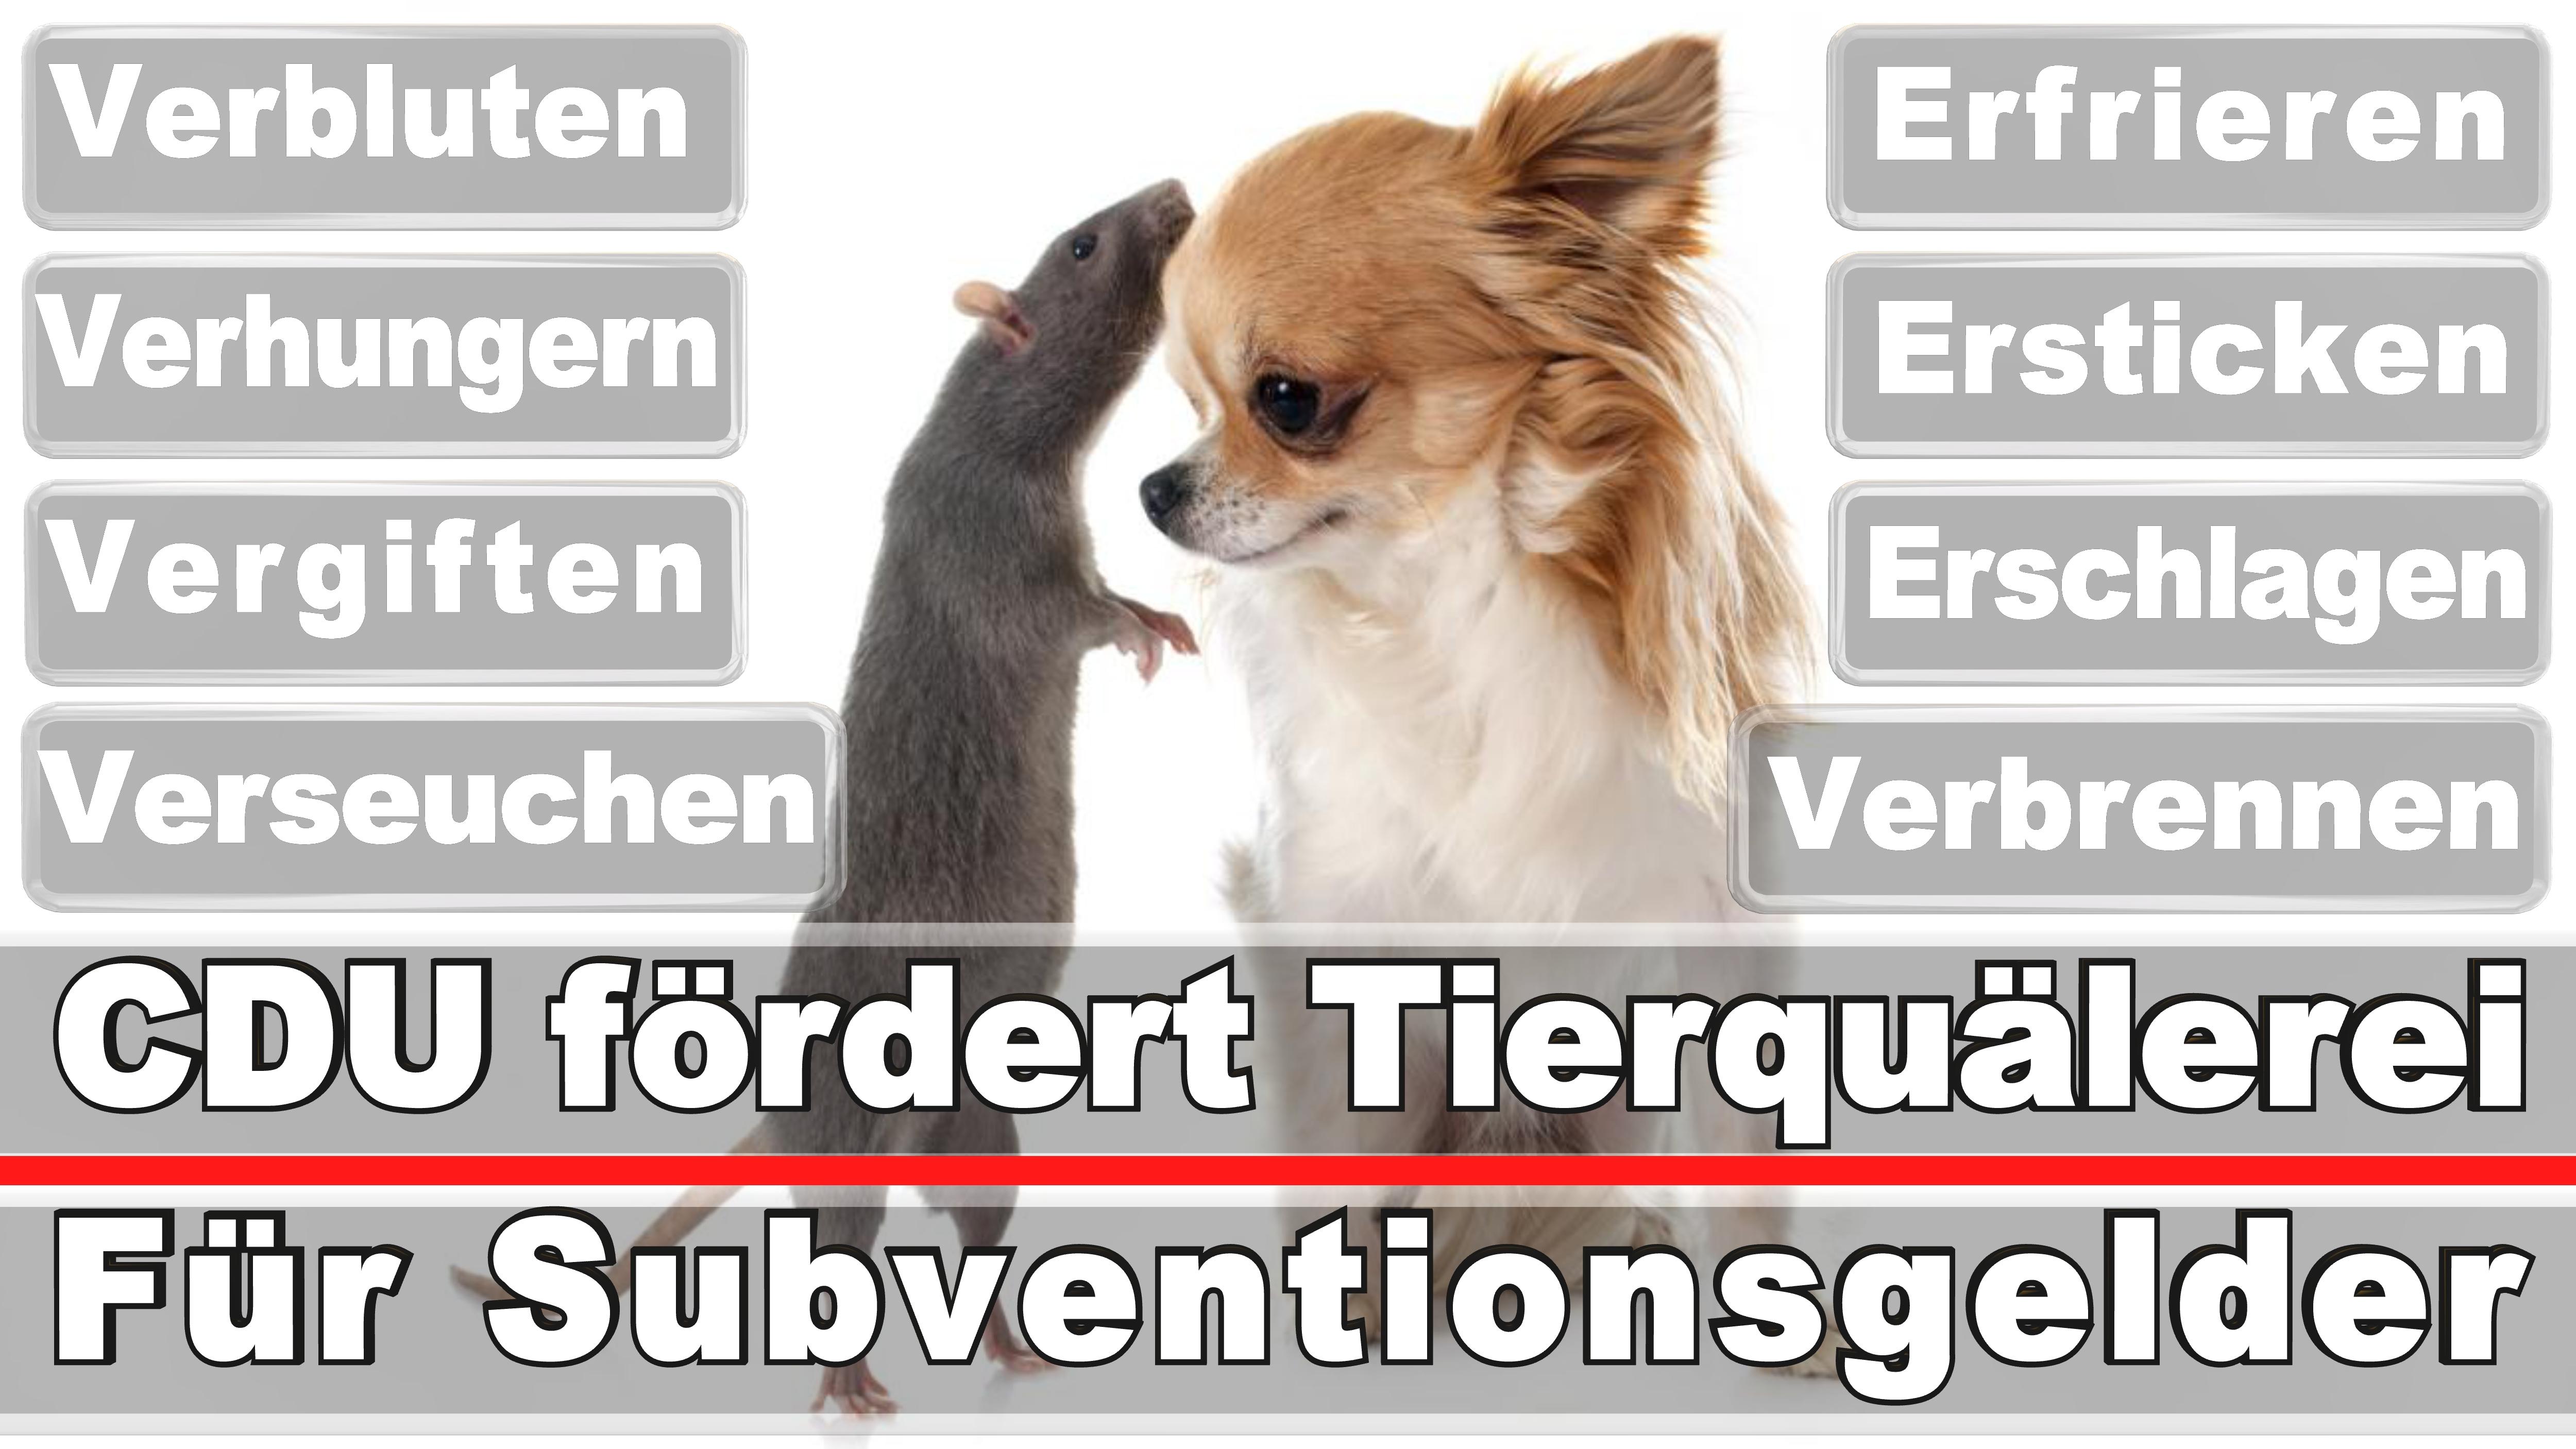 Landtagswahl-Bundestagswahl-CDU-SPD-FDP-AFD-Linke-Piraten (3)